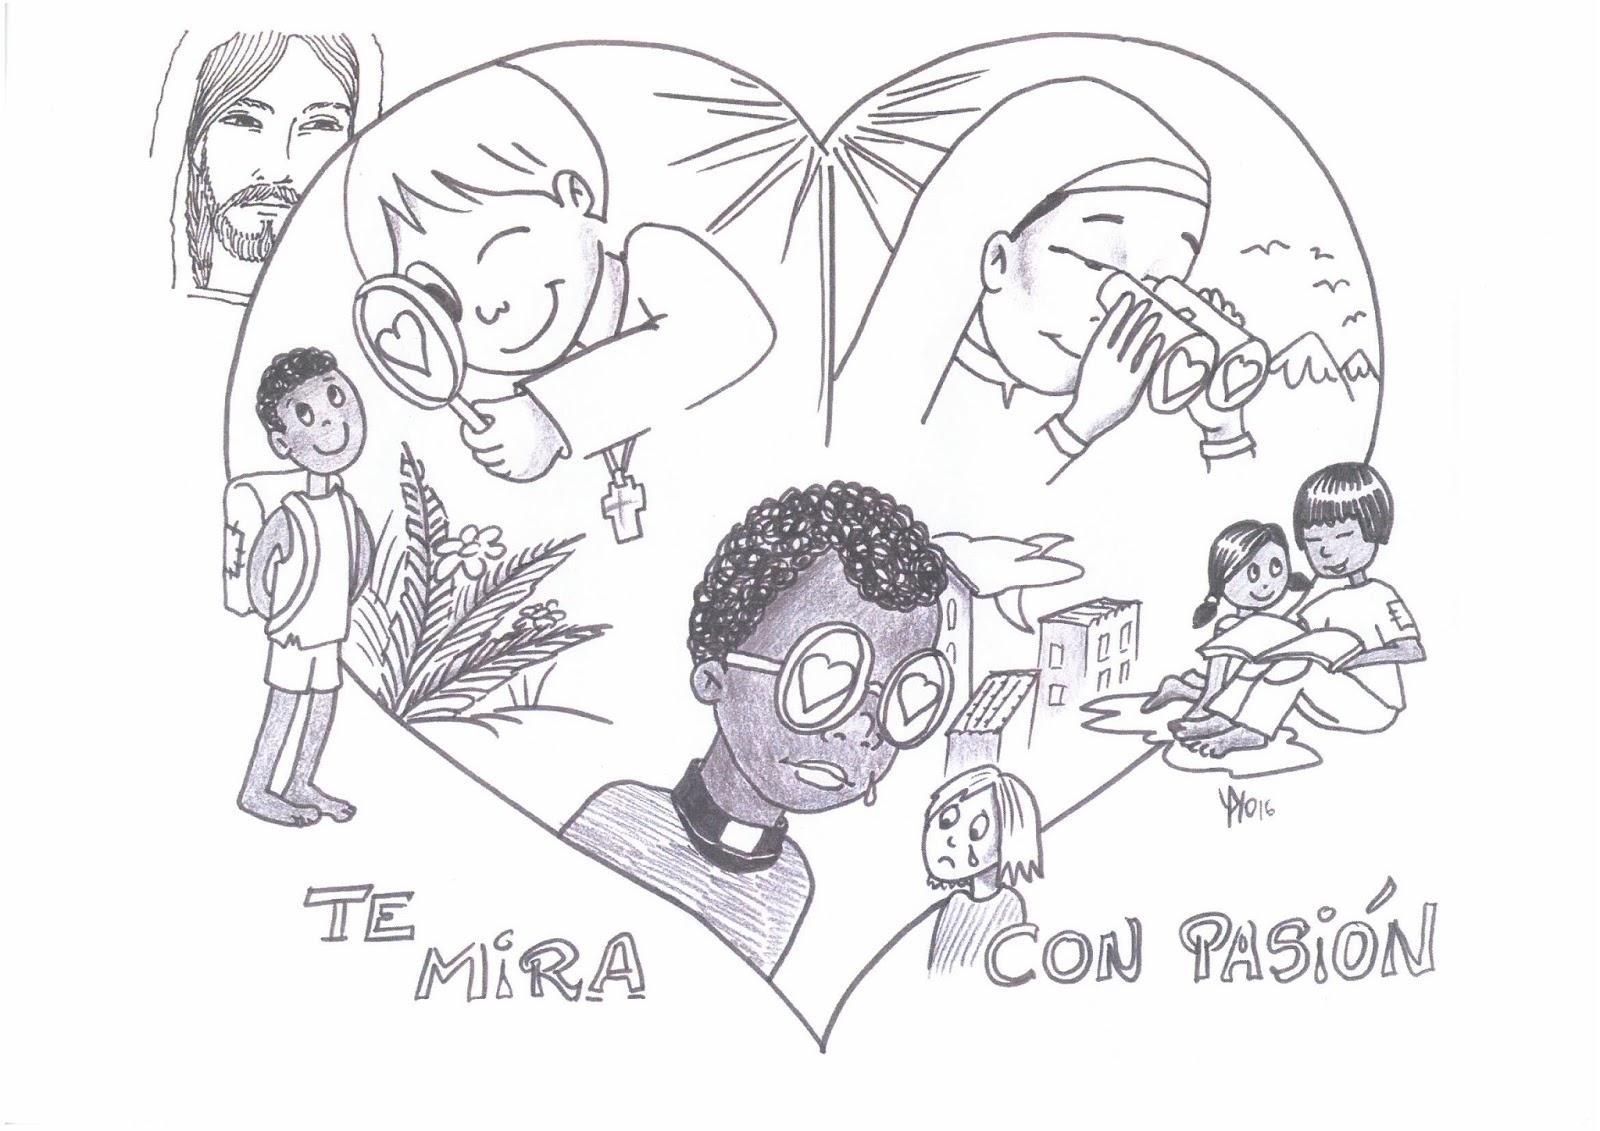 Las Misiones Y Los Niños Dibujos Para Colorear De Niños: Catequesis Para Niños Oración Por Las Vocaciones